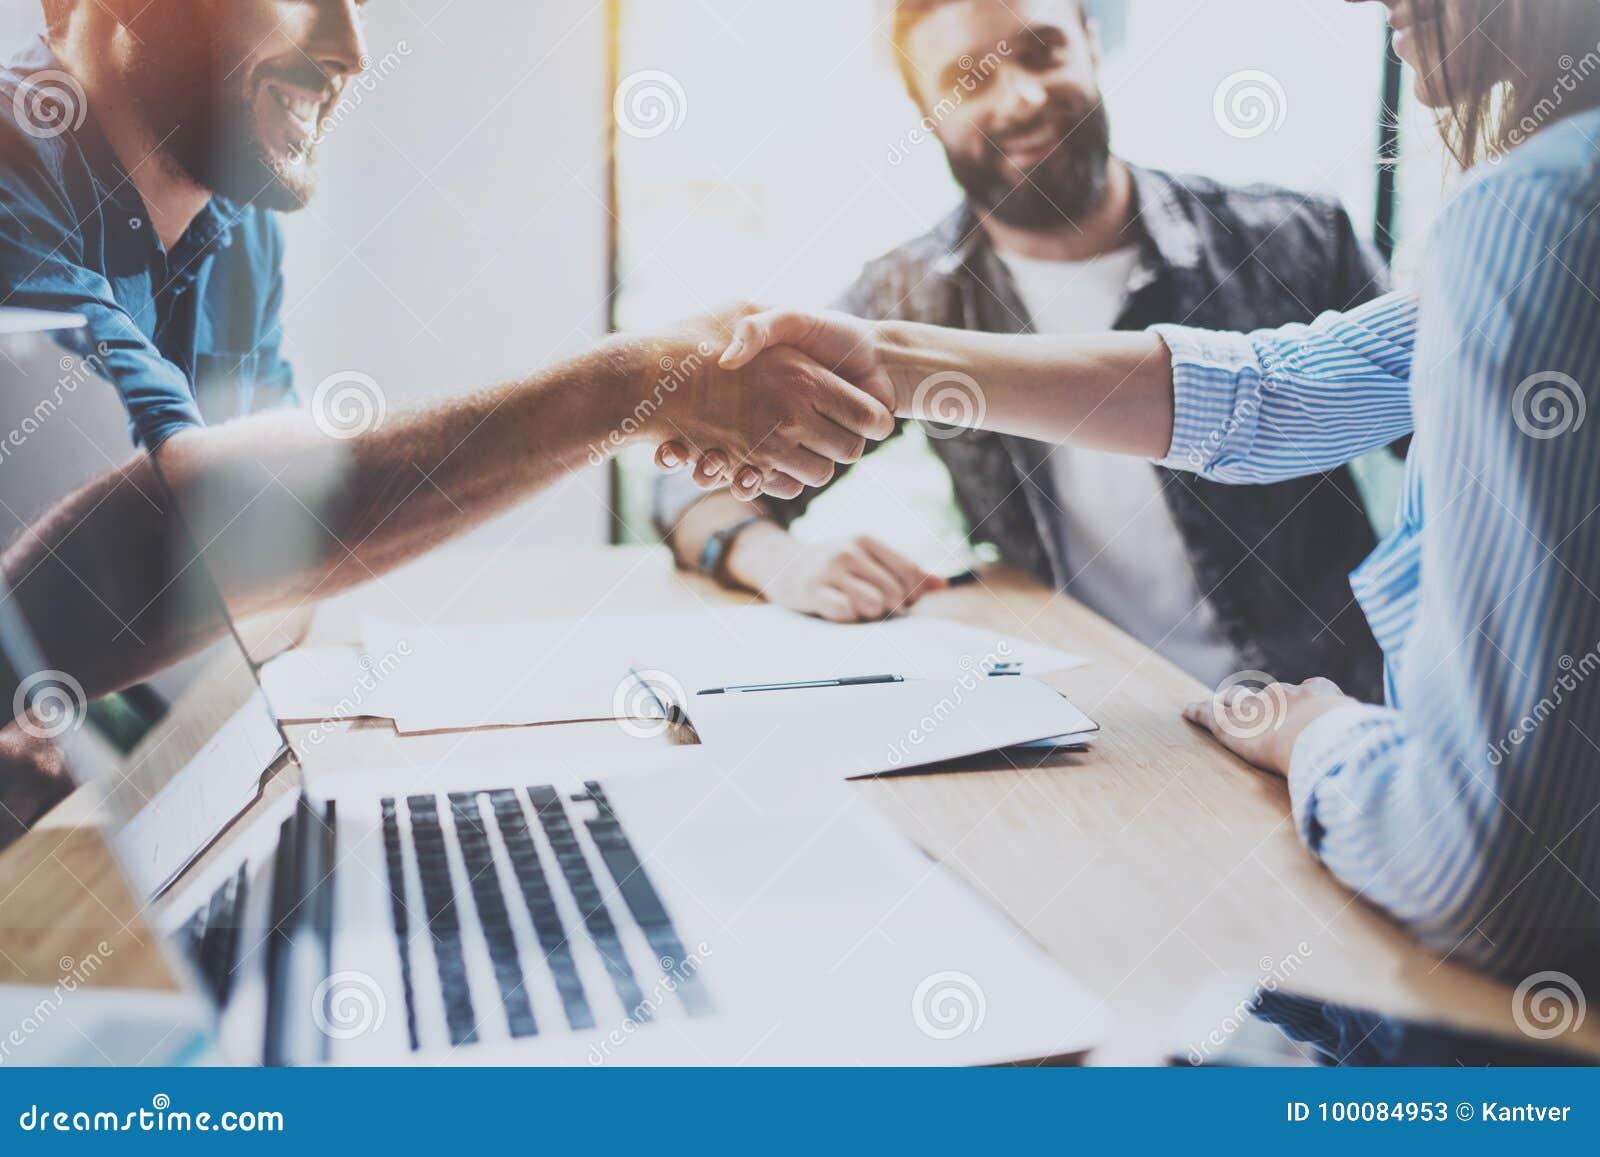 Έννοια χειραψιών επιχειρησιακής συνεργασίας Διαδικασία χειραψίας συναδέλφων φωτογραφιών Επιτυχής διαπραγμάτευση μετά από τη μεγάλ